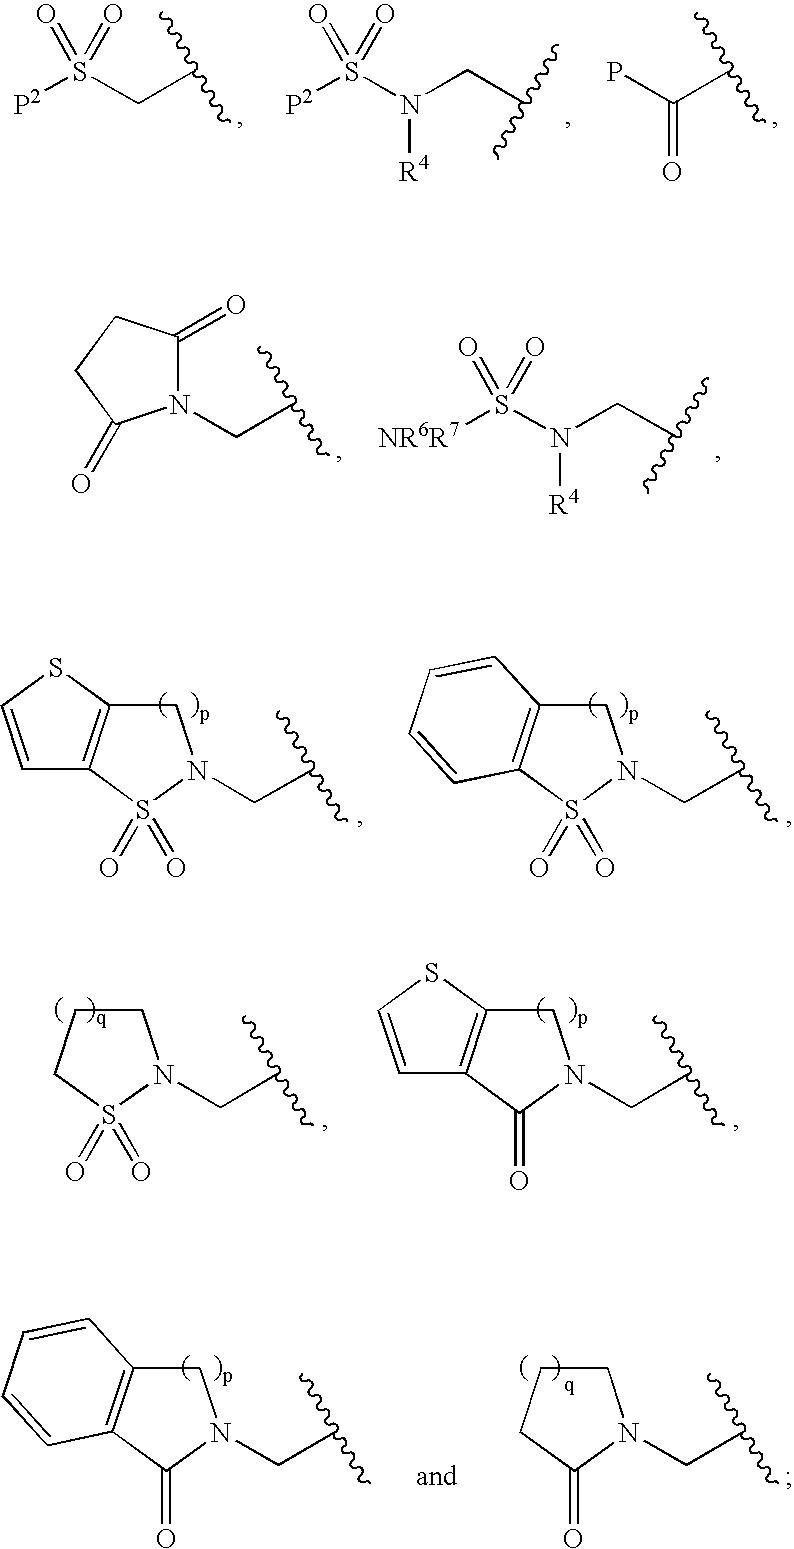 Figure US20060287248A1-20061221-C00032